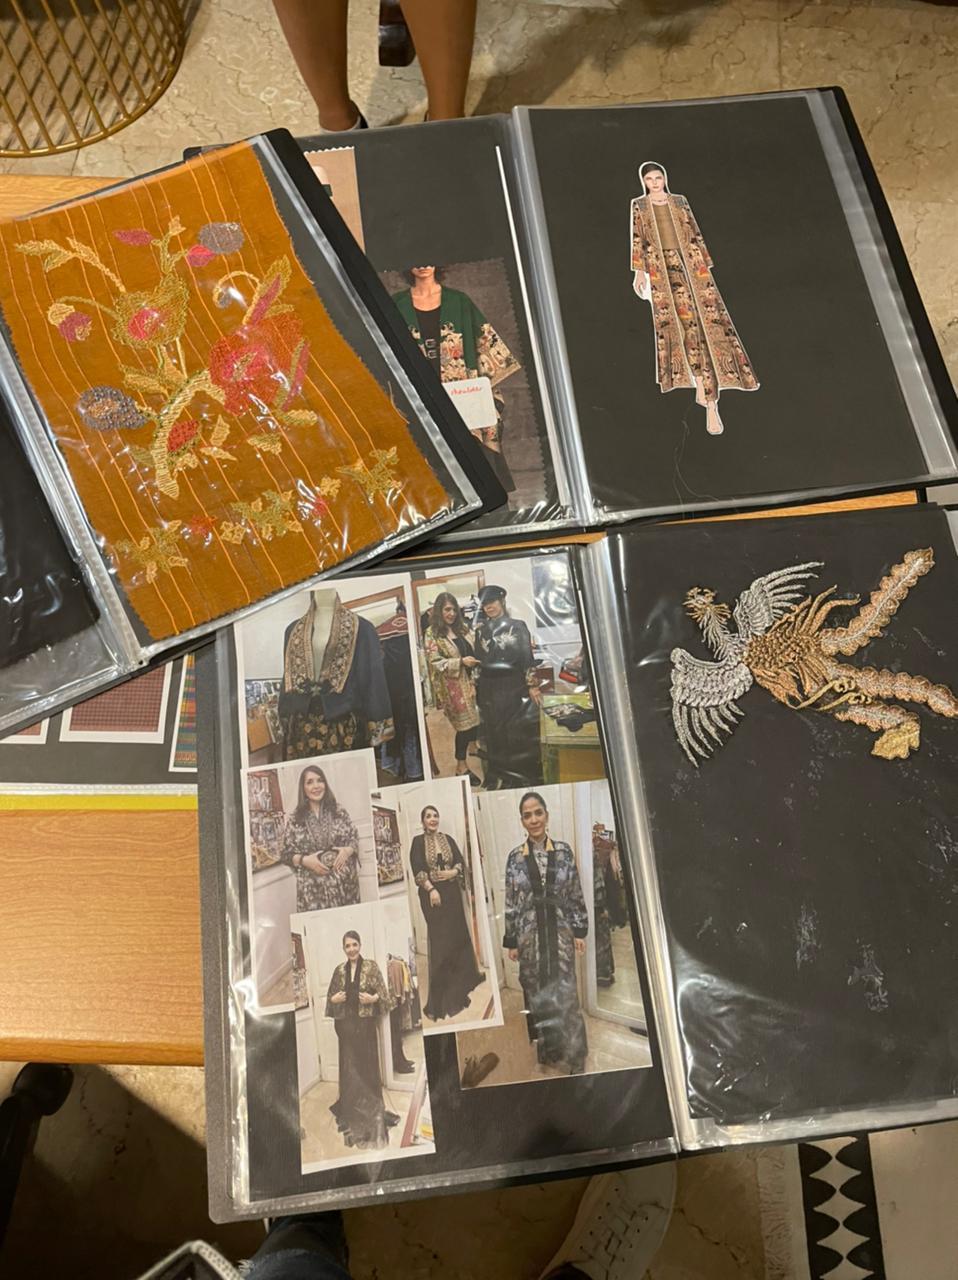 Contoh log book pengembangan suatu motif ke teknik bordir, print, etc / Foto: Courtesy of Ghea Fashion Studio